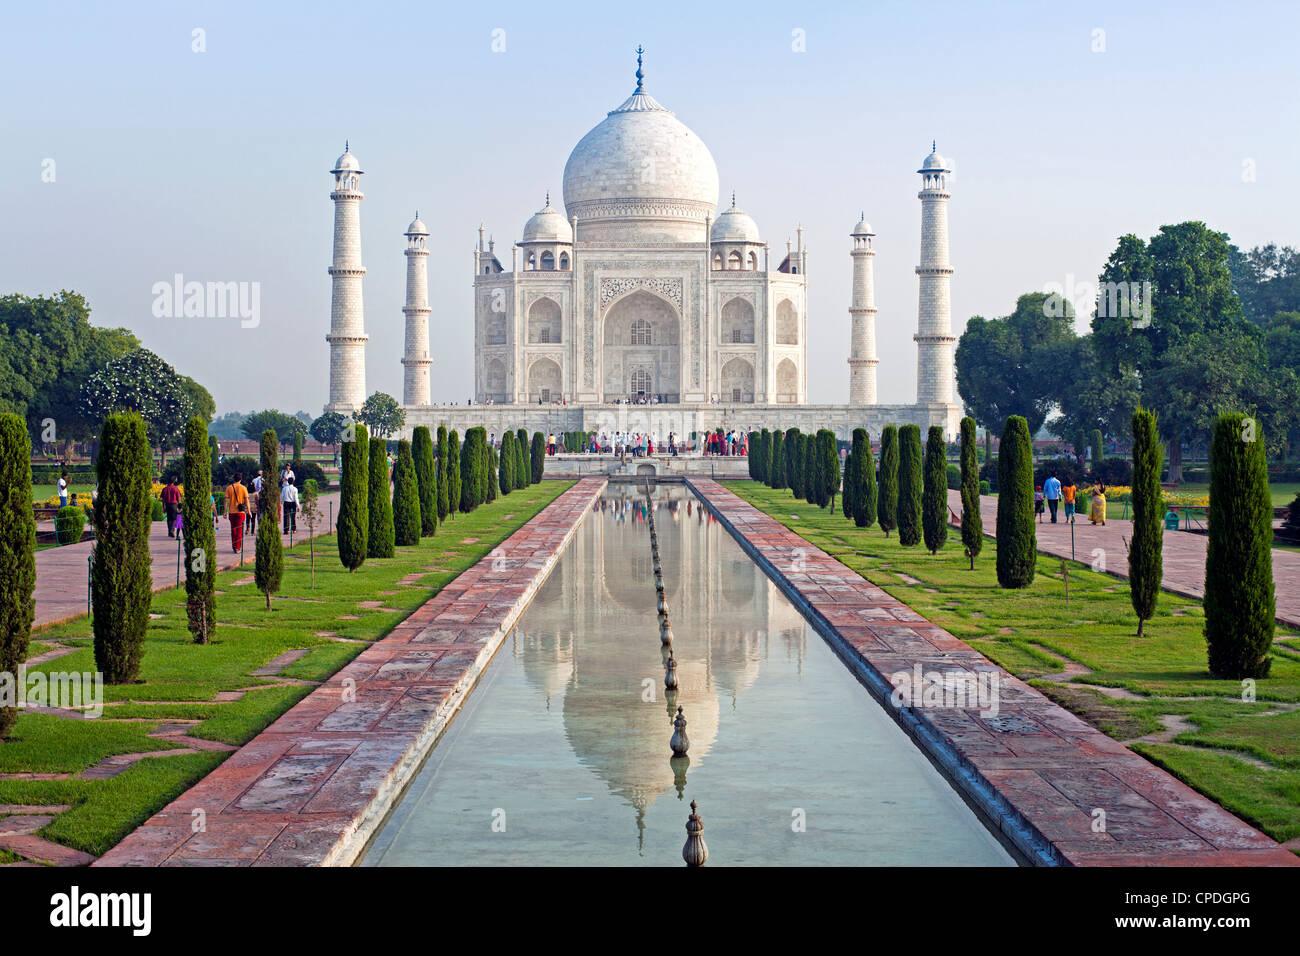 Taj Mahal, Sito Patrimonio Mondiale dell'UNESCO, Agra, nello stato di Uttar Pradesh, India, Asia Immagini Stock